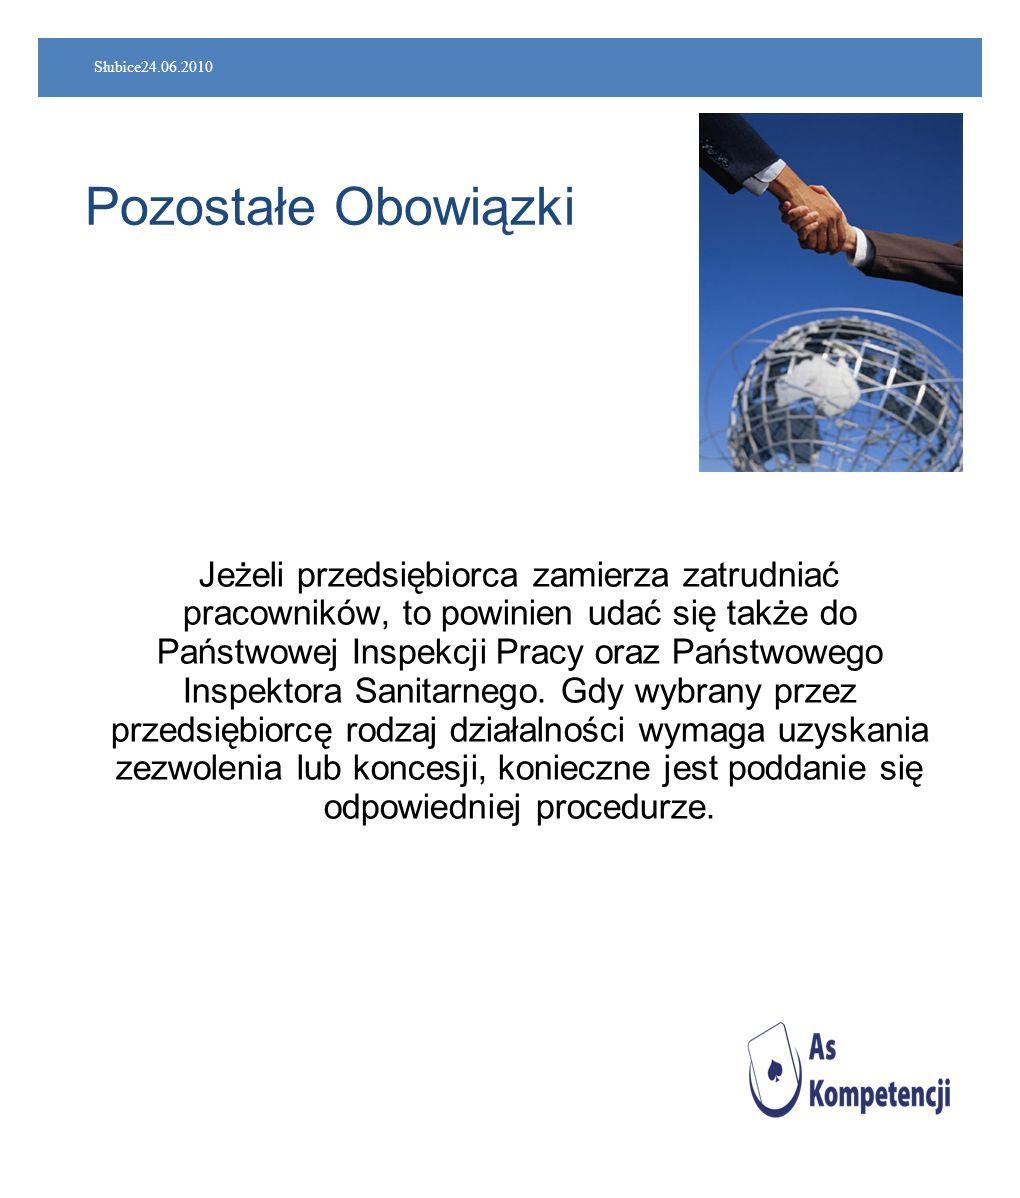 Słubice24.06.2010 Pozostałe Obowiązki Jeżeli przedsiębiorca zamierza zatrudniać pracowników, to powinien udać się także do Państwowej Inspekcji Pracy